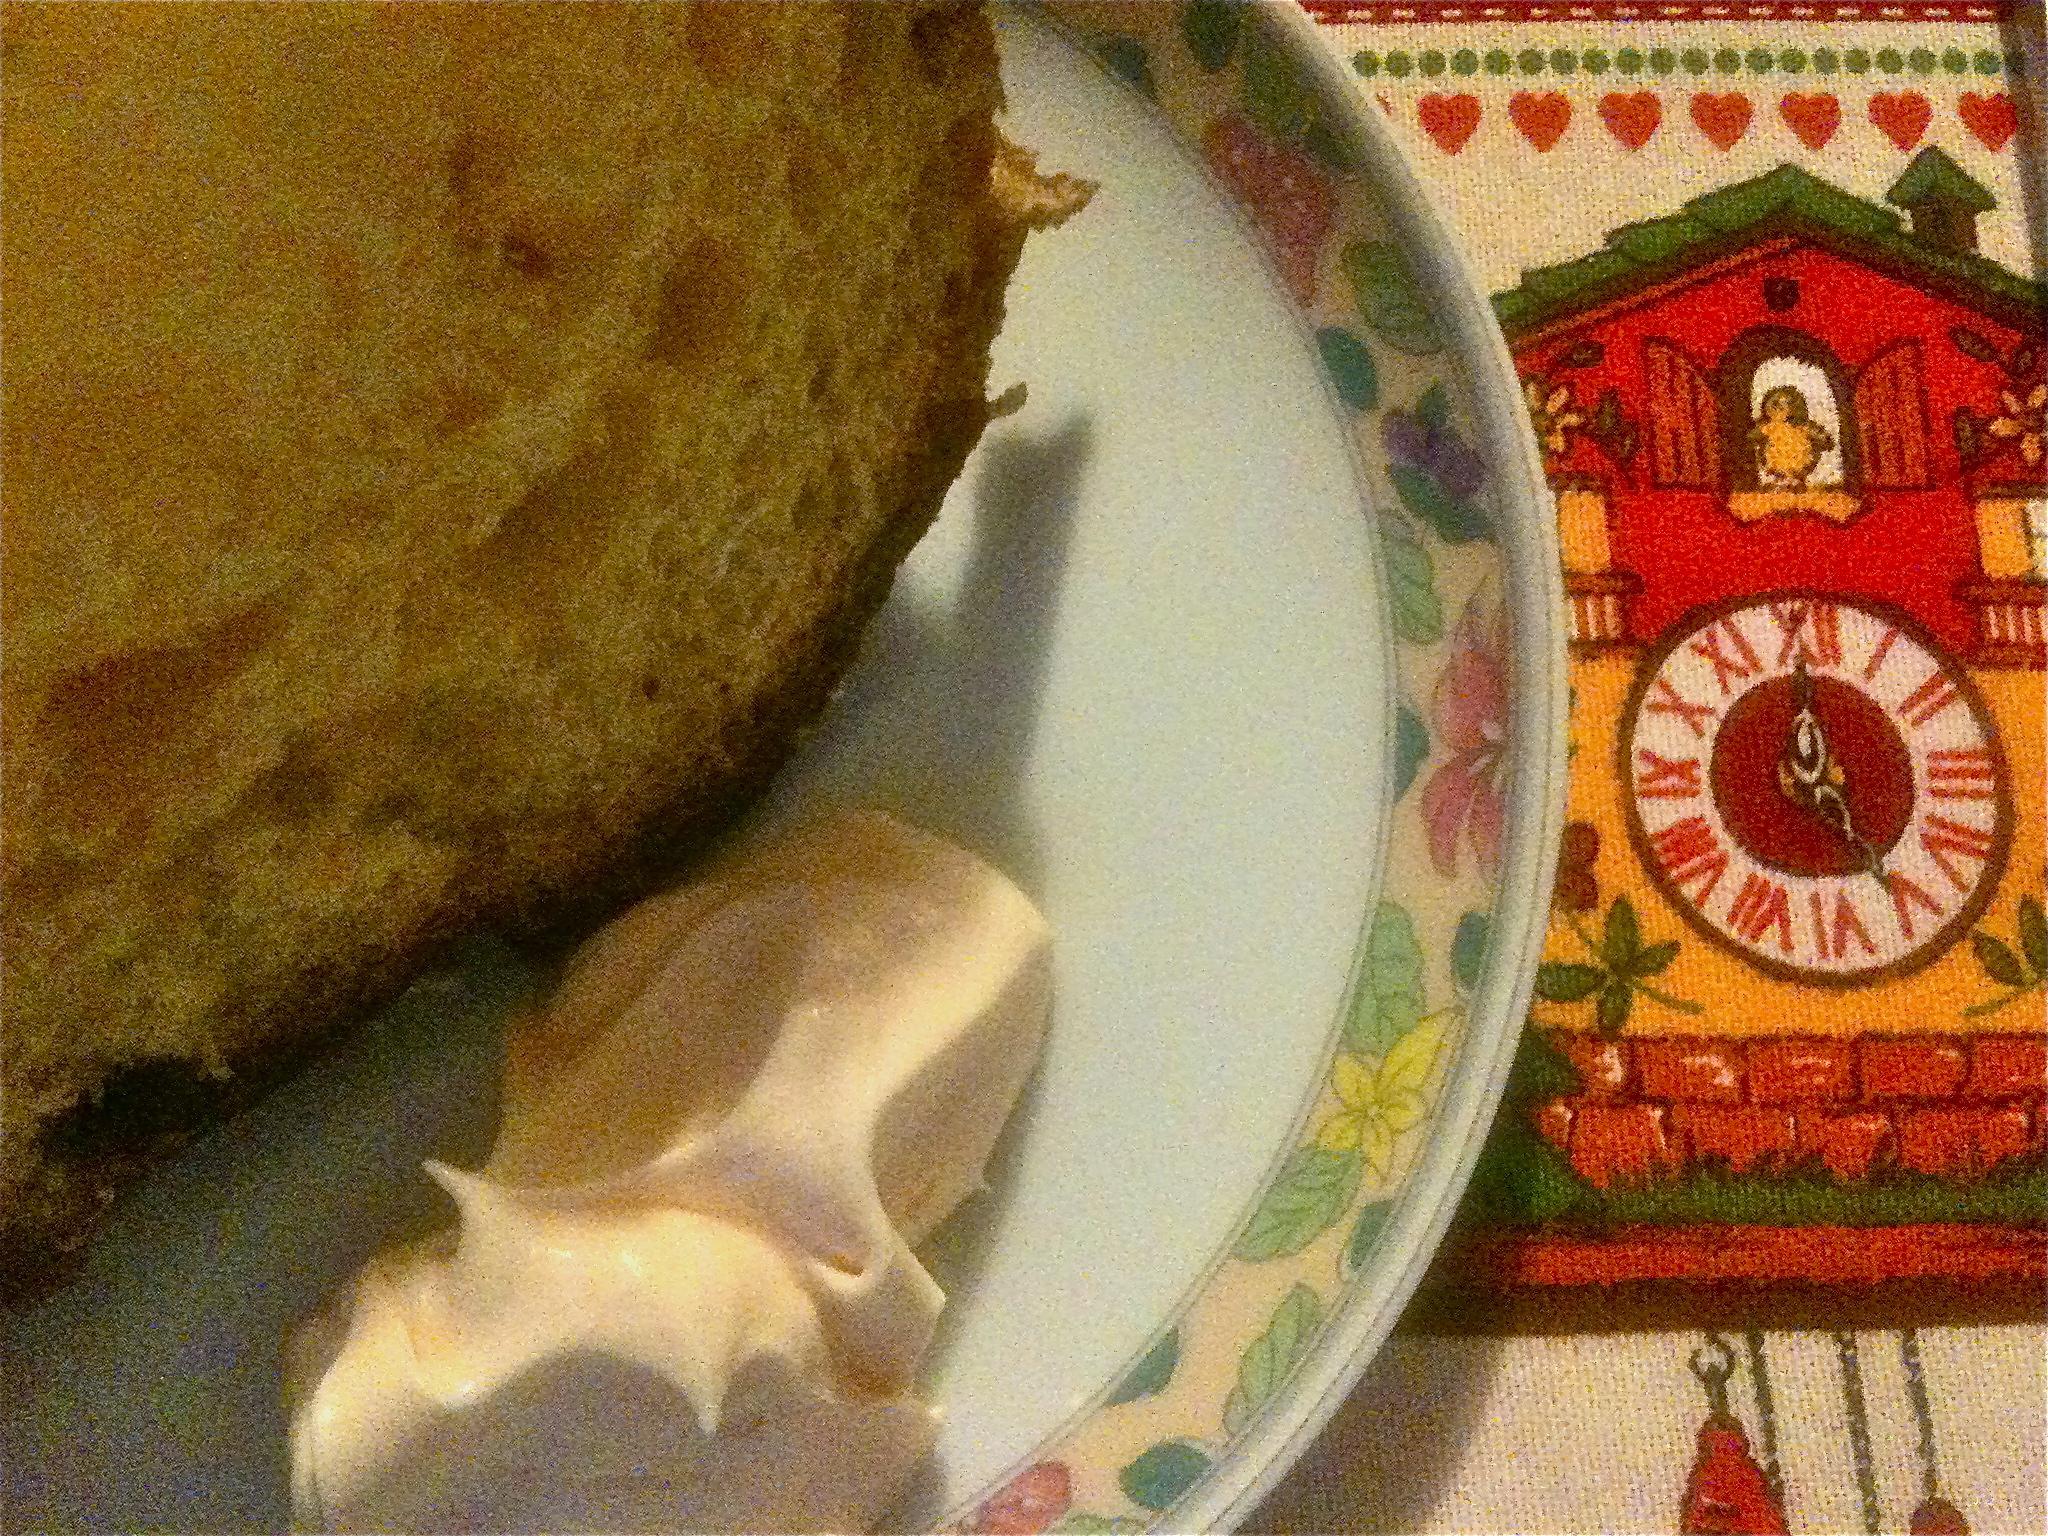 Crema al Maraschino e panettone. Parabiago (MI), Dicembre 2011